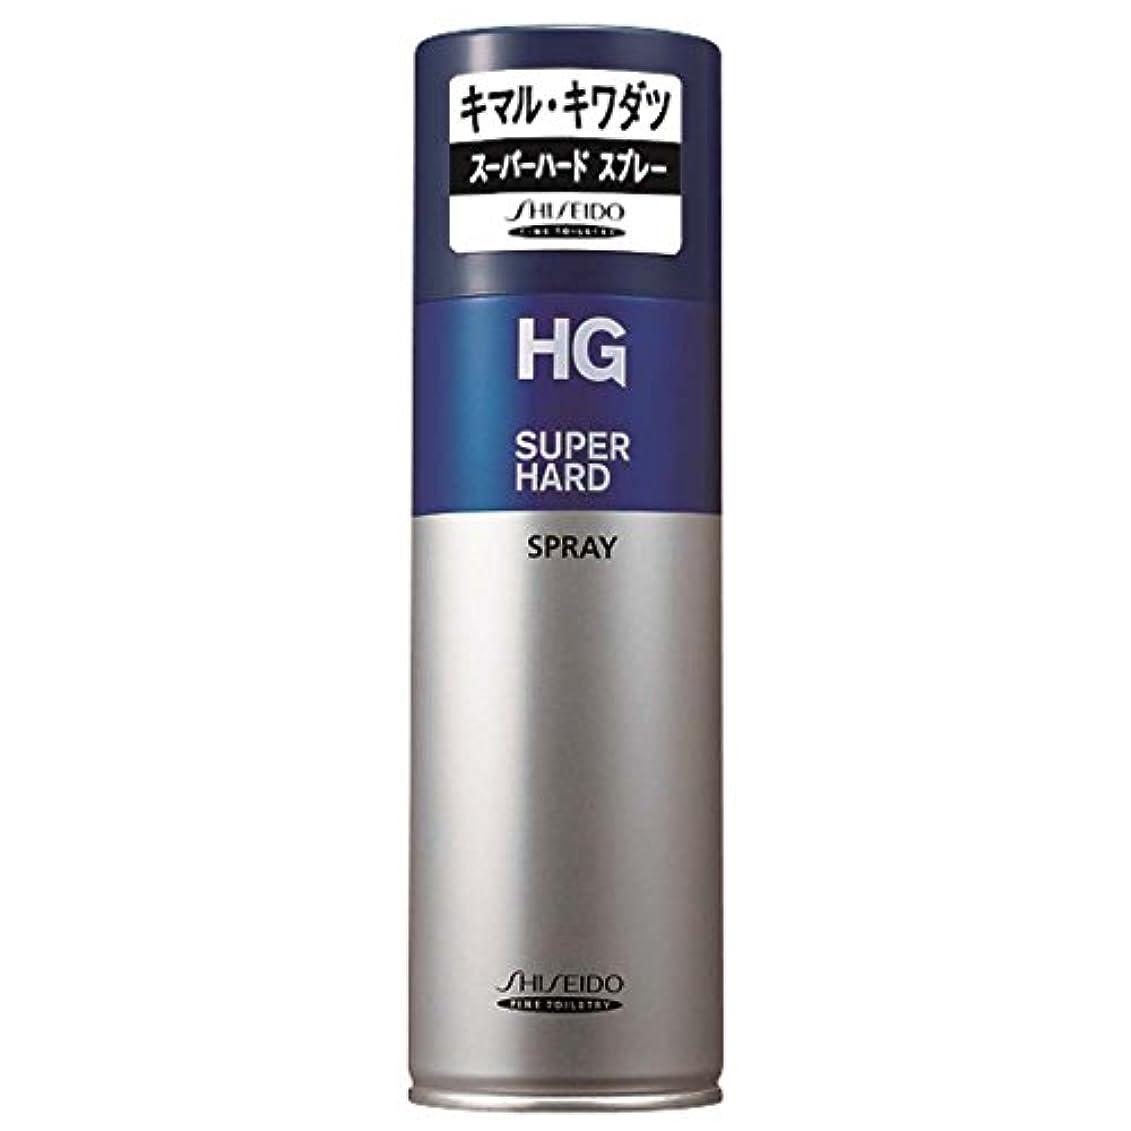 ラベンダー住居ポスト印象派HG スーパーハード スプレー 230g